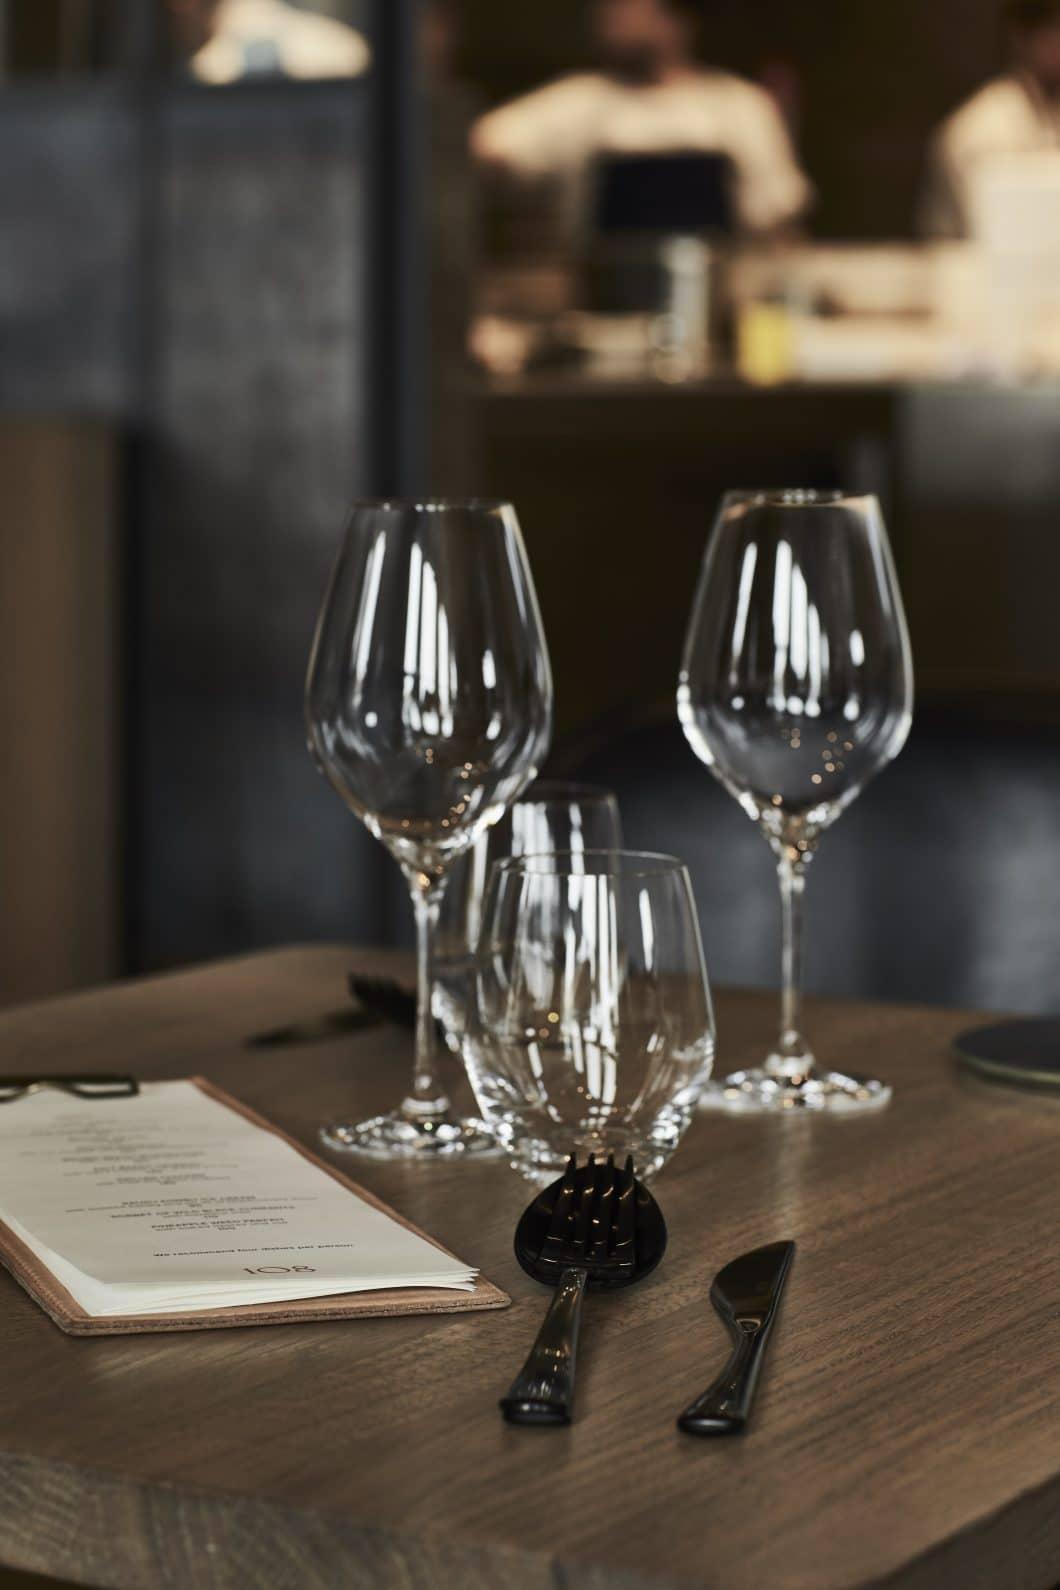 Das erste exklusive Designbesteck der dänischen Firma Table Noir. (Foto: Table Noir)